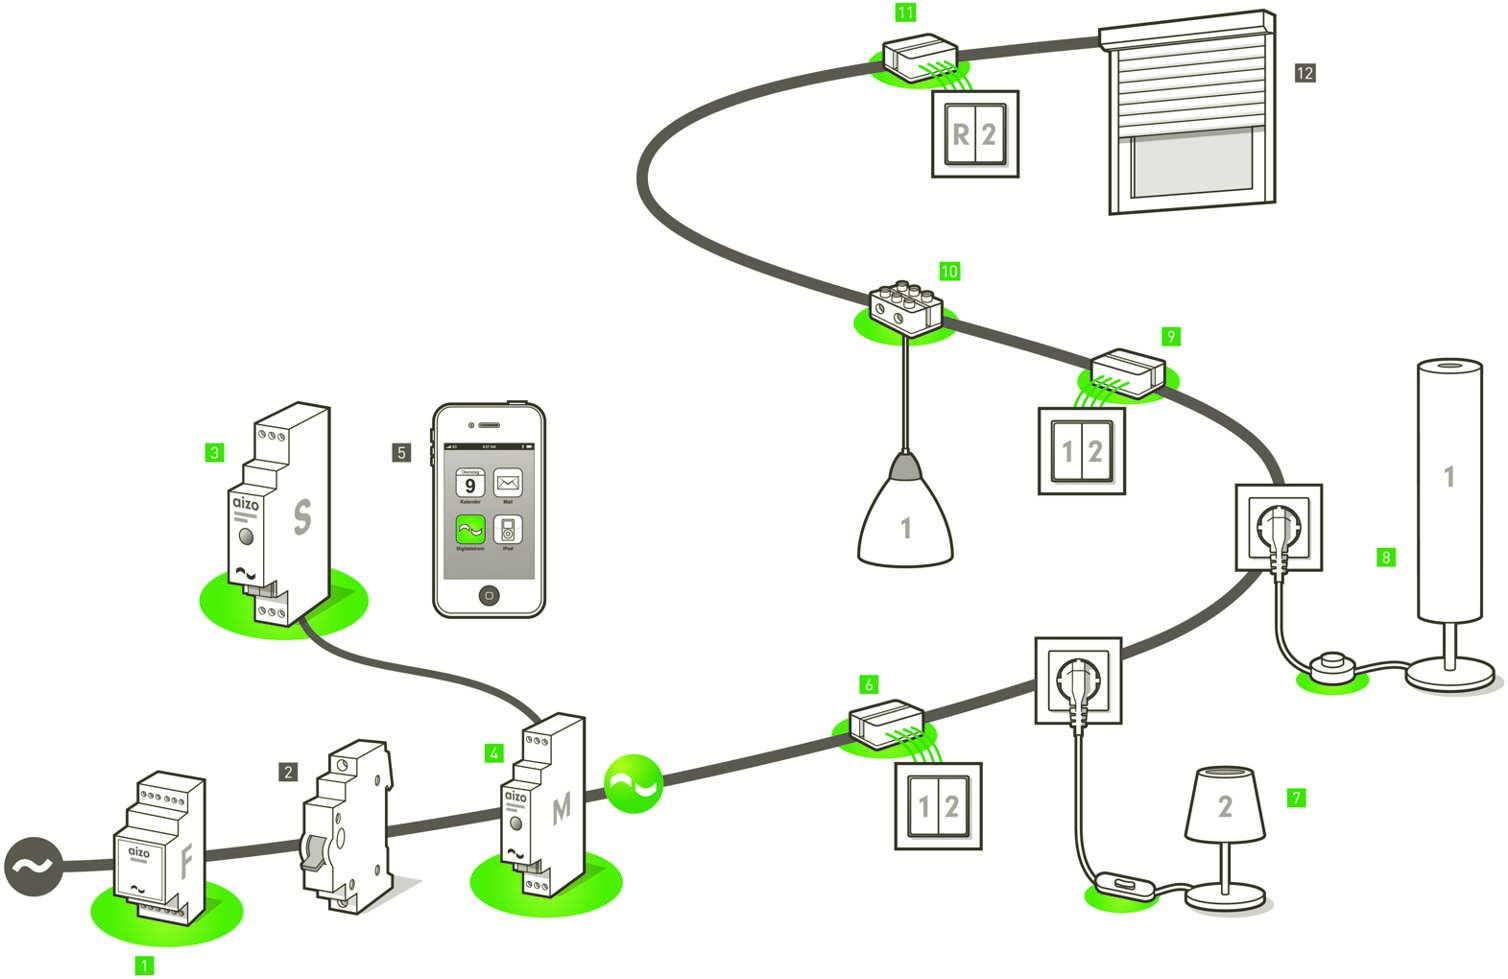 digitalstrom_installation_illustration